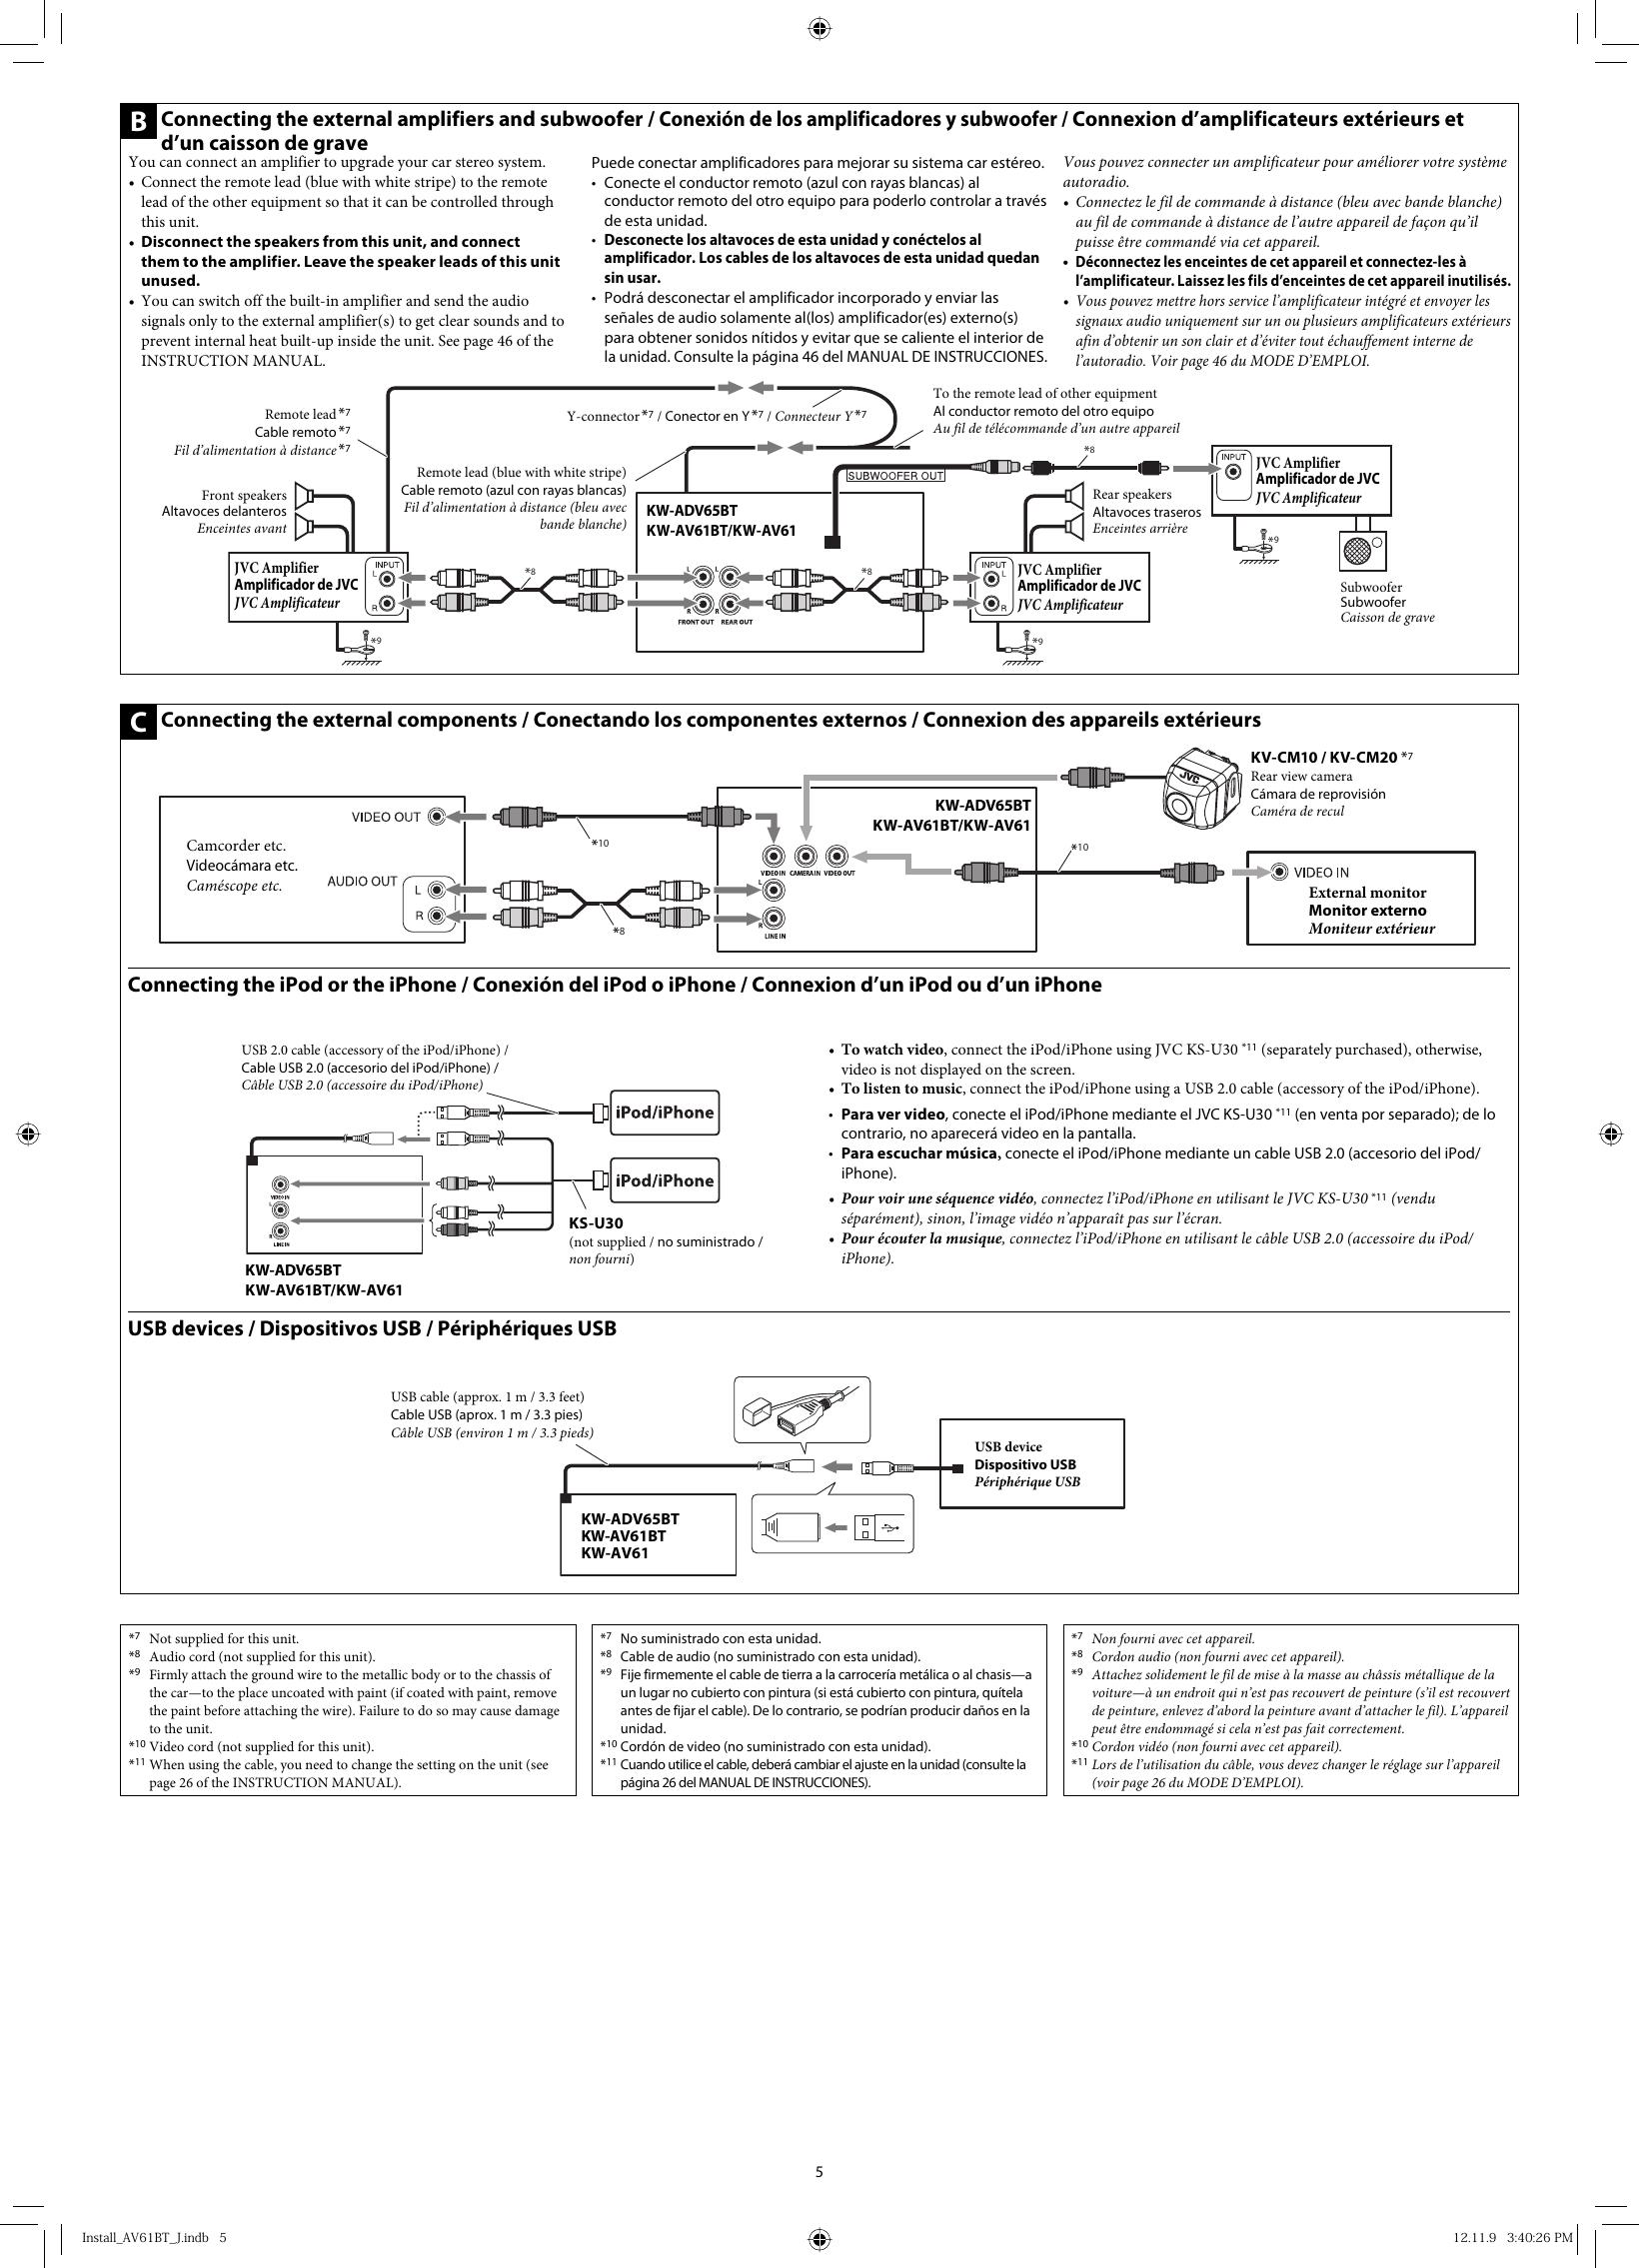 Kw Avx710 Wiring Diagram And Schematics Jvc Adv65btj Adv65bt Av61bt Av61 J Jw User Manual Get0884 003a